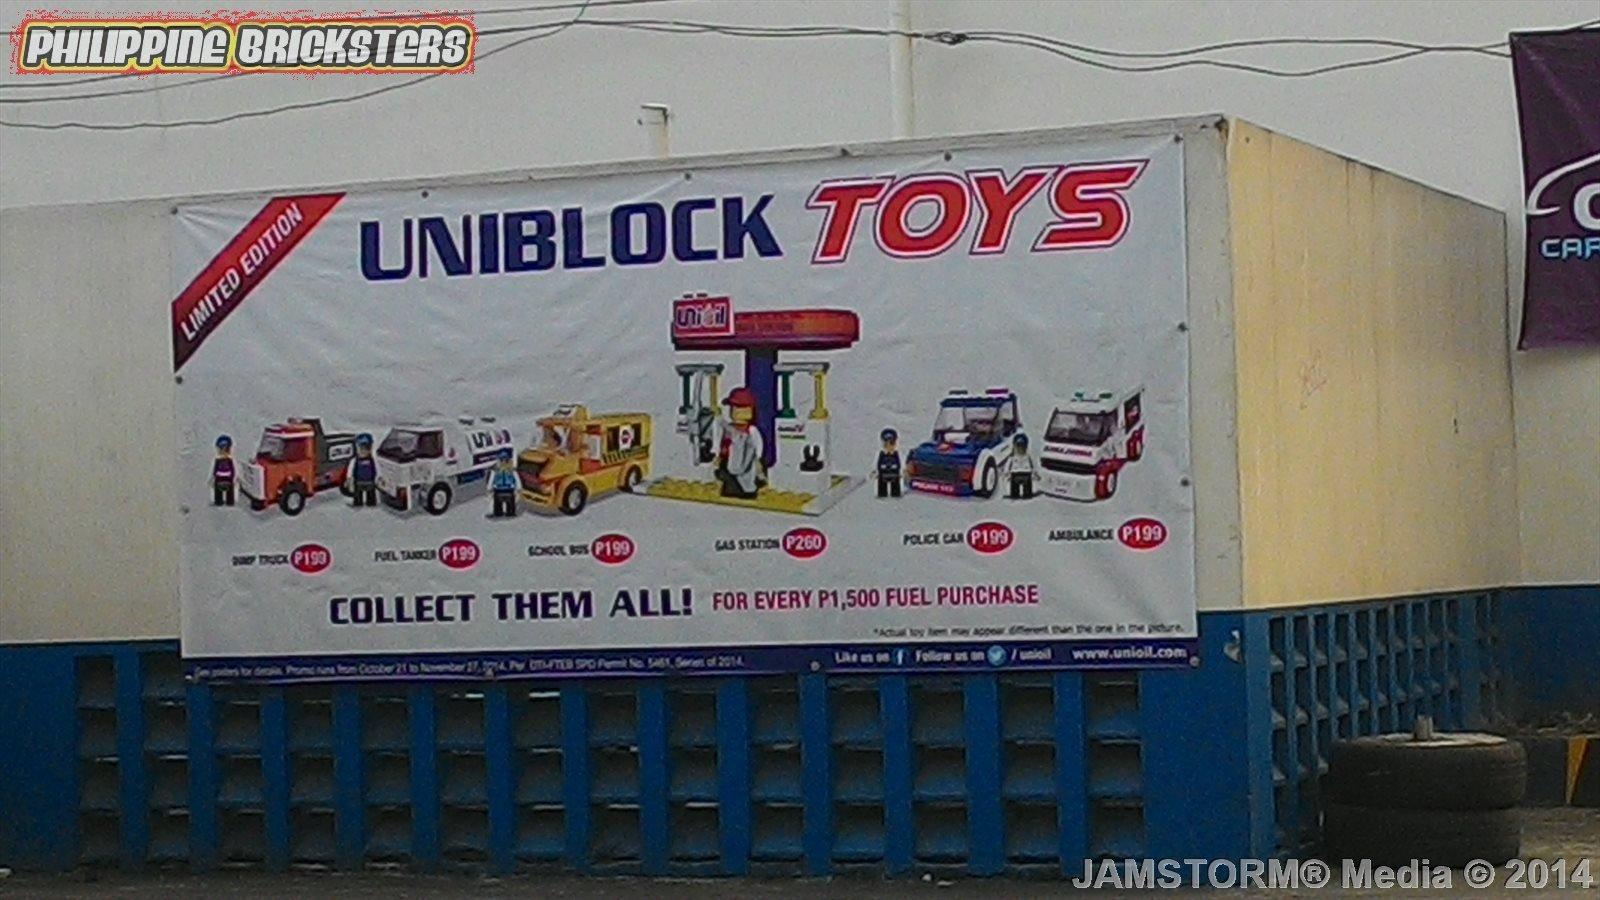 Philippine Bricksters Uniblock Promo At Unioil